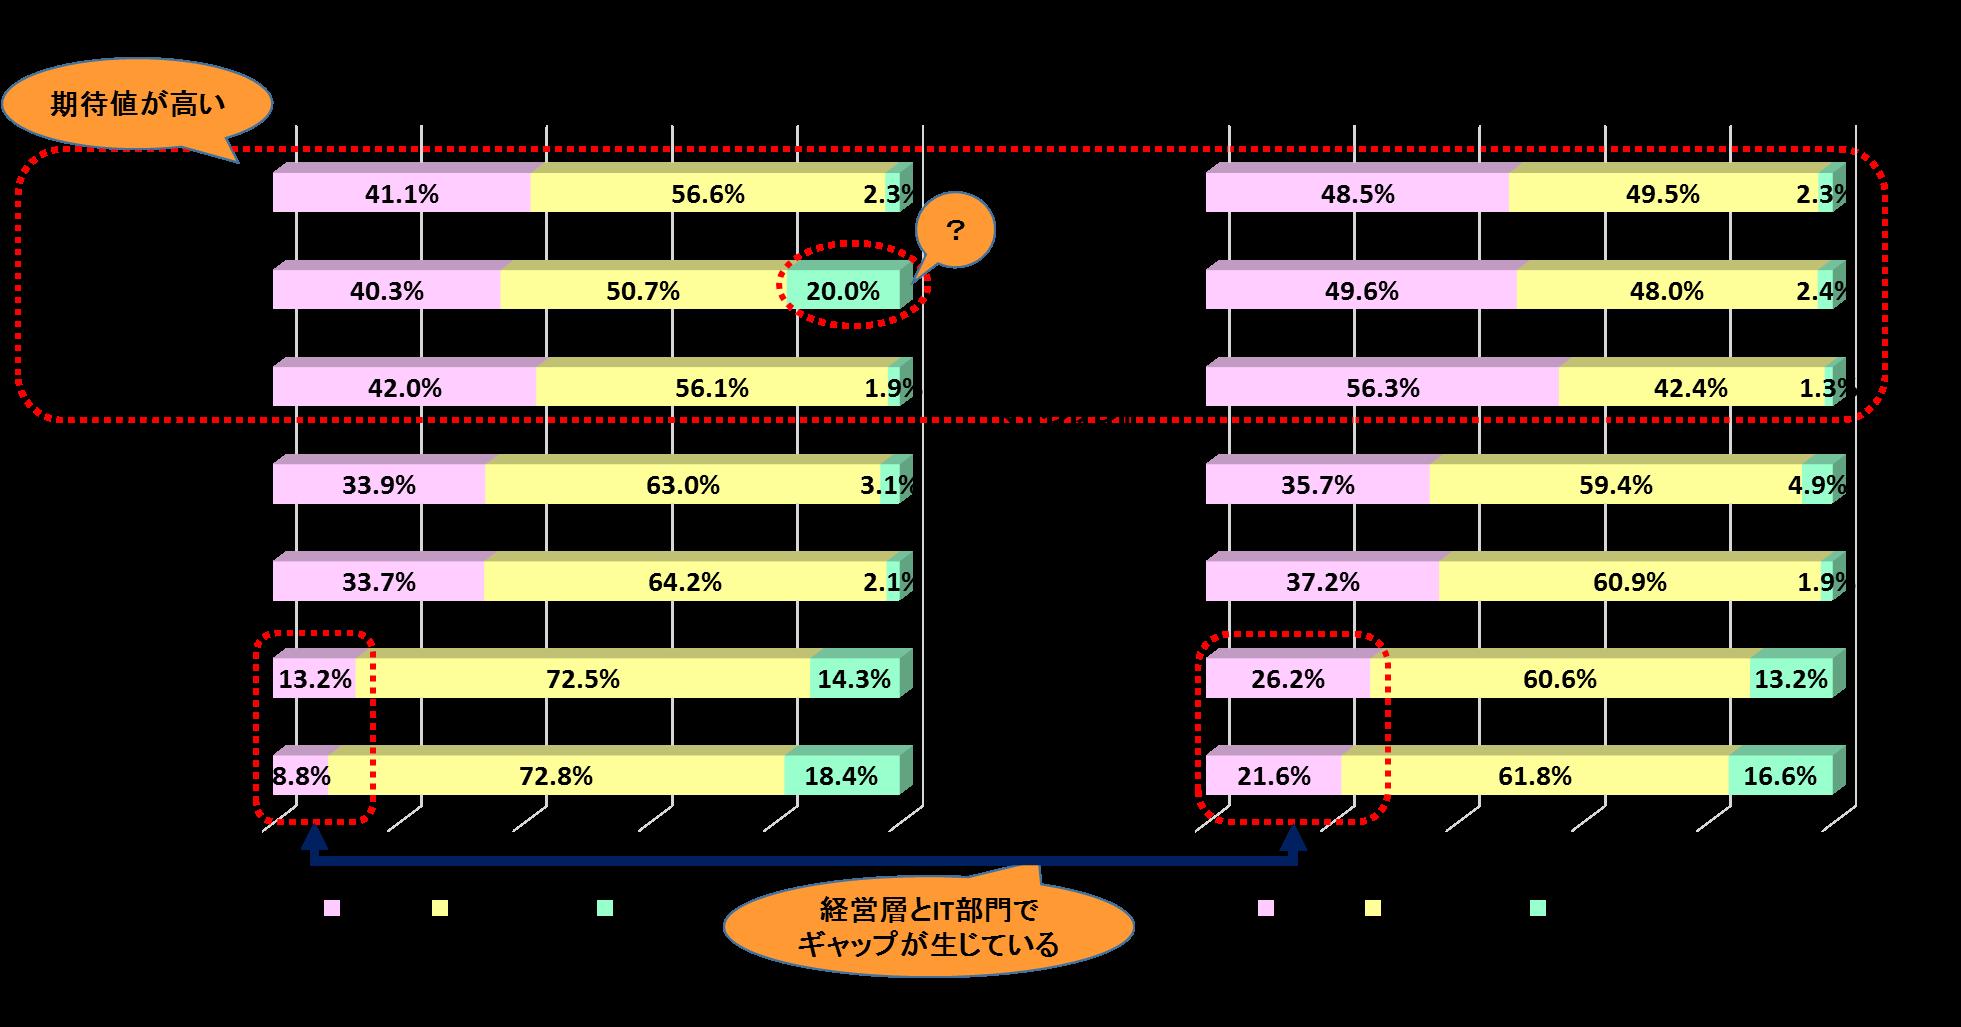 IT部門に期待する役割(経営層/IT部門)